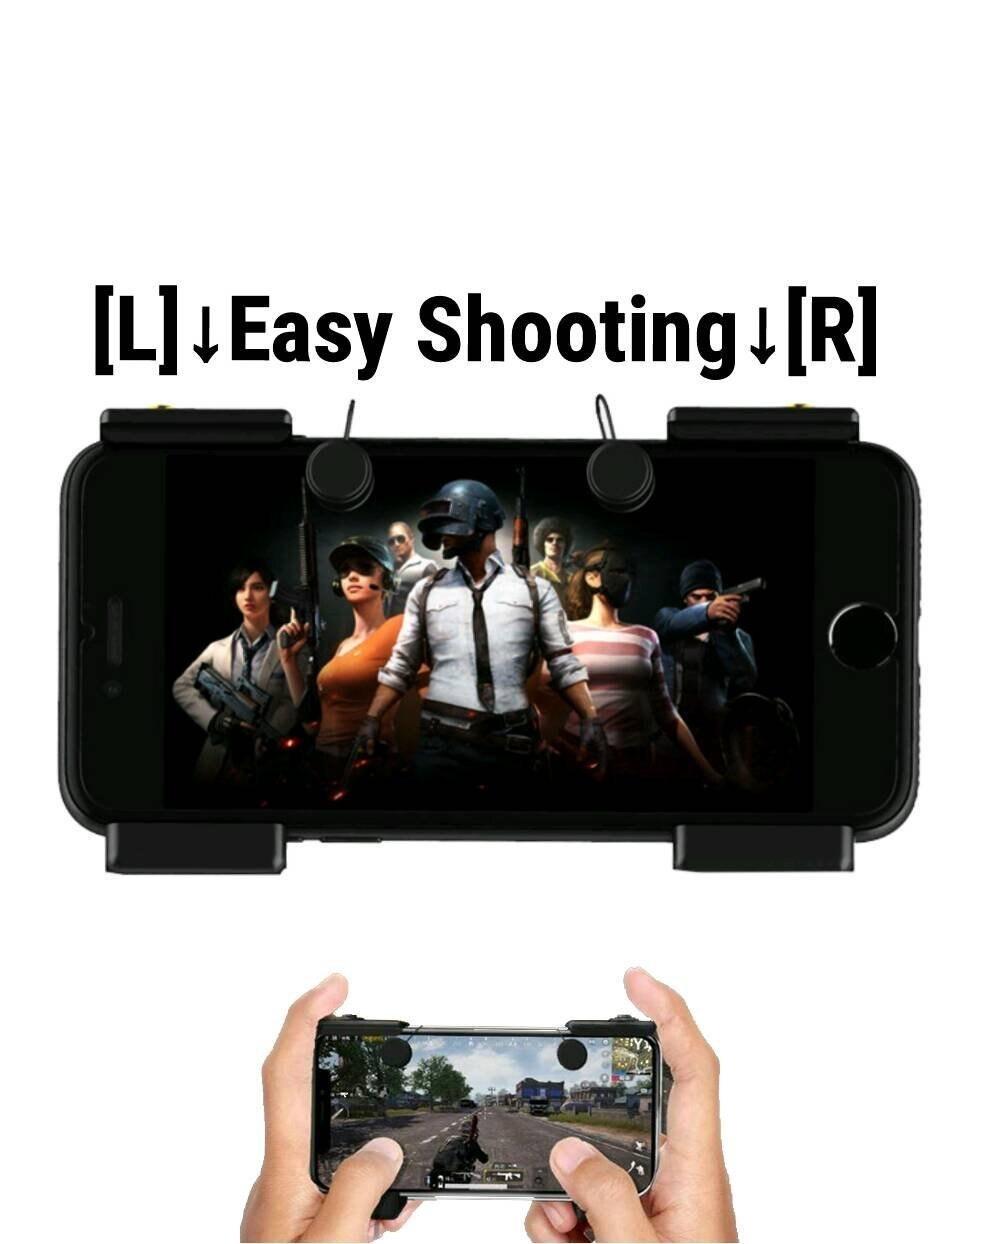 Messer aus Regeln des Überlebens Handy-Spiel Feuerknopf Ziel Schlüssel smartphone Mobile Gaming Trigger L1R1 Shooter Controller PUBG V X